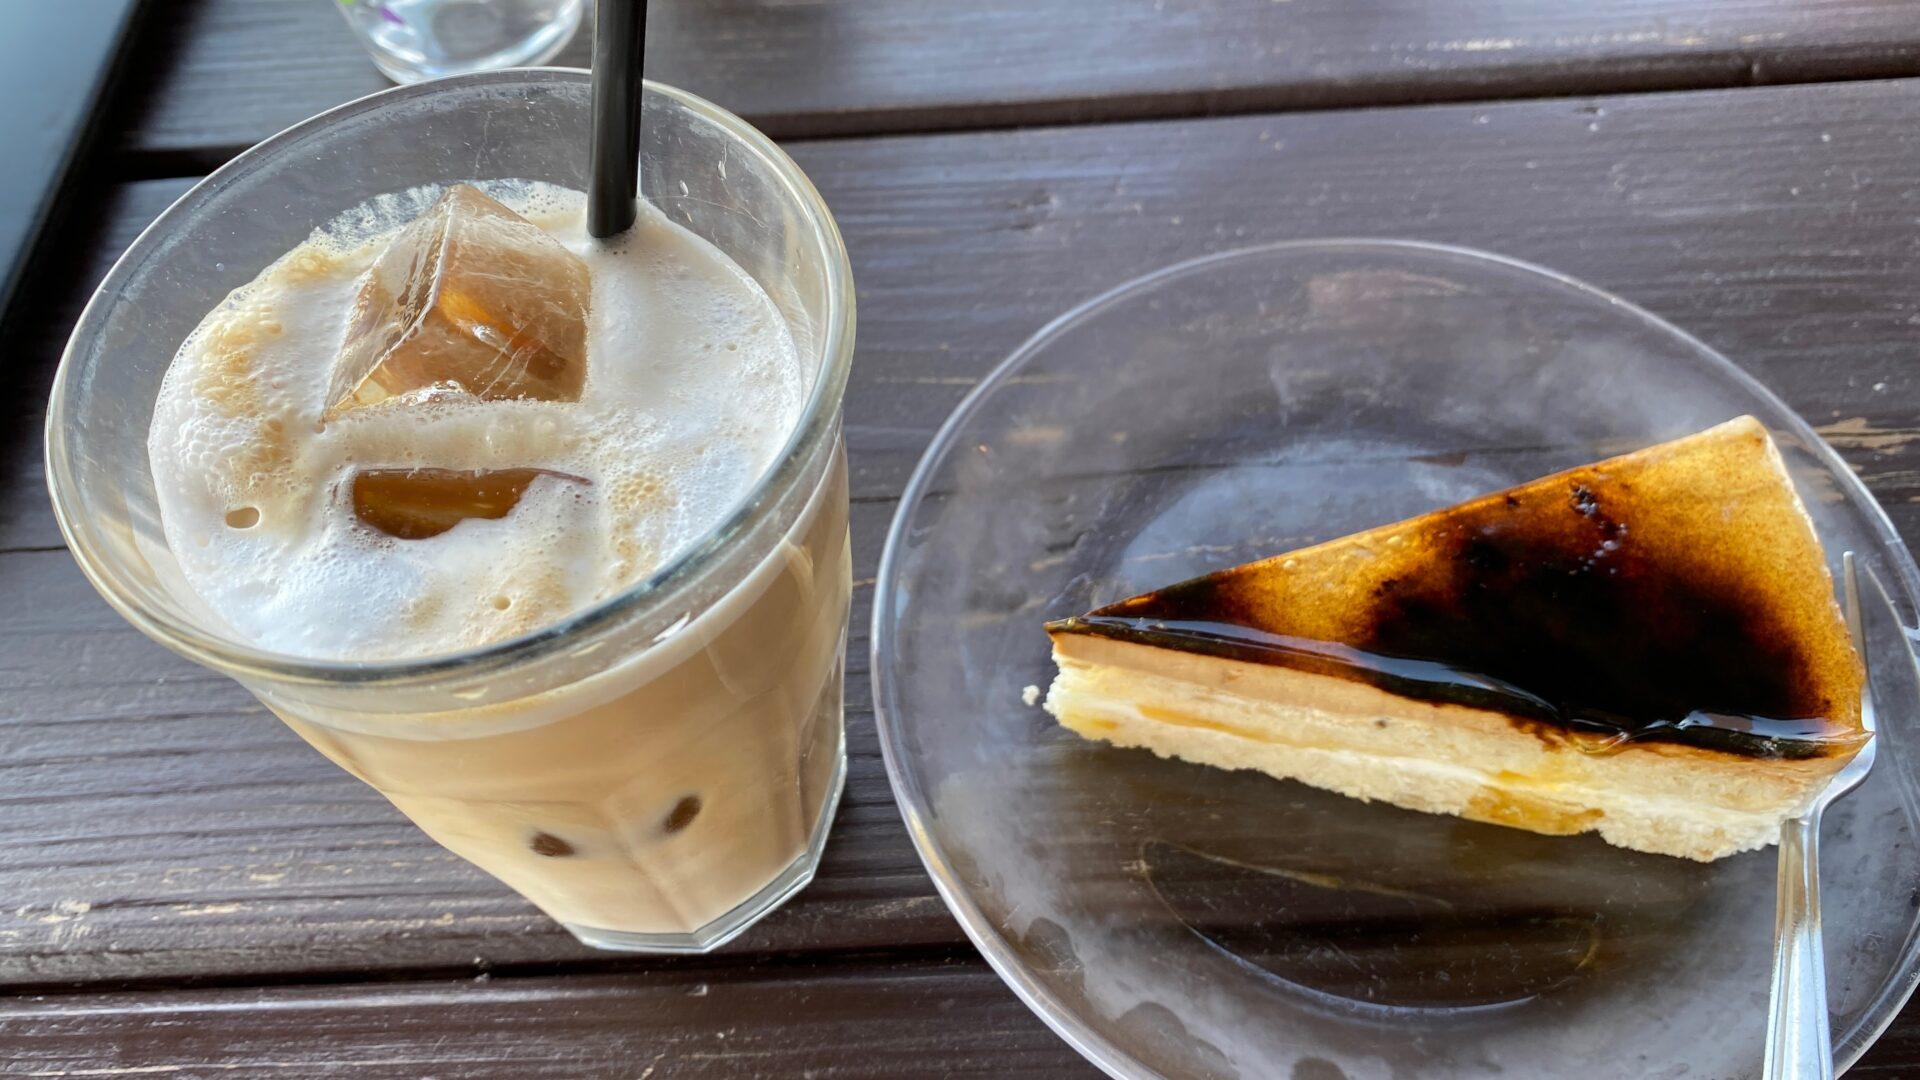 カフェくるくま デザート ランチ 眺め 沖縄